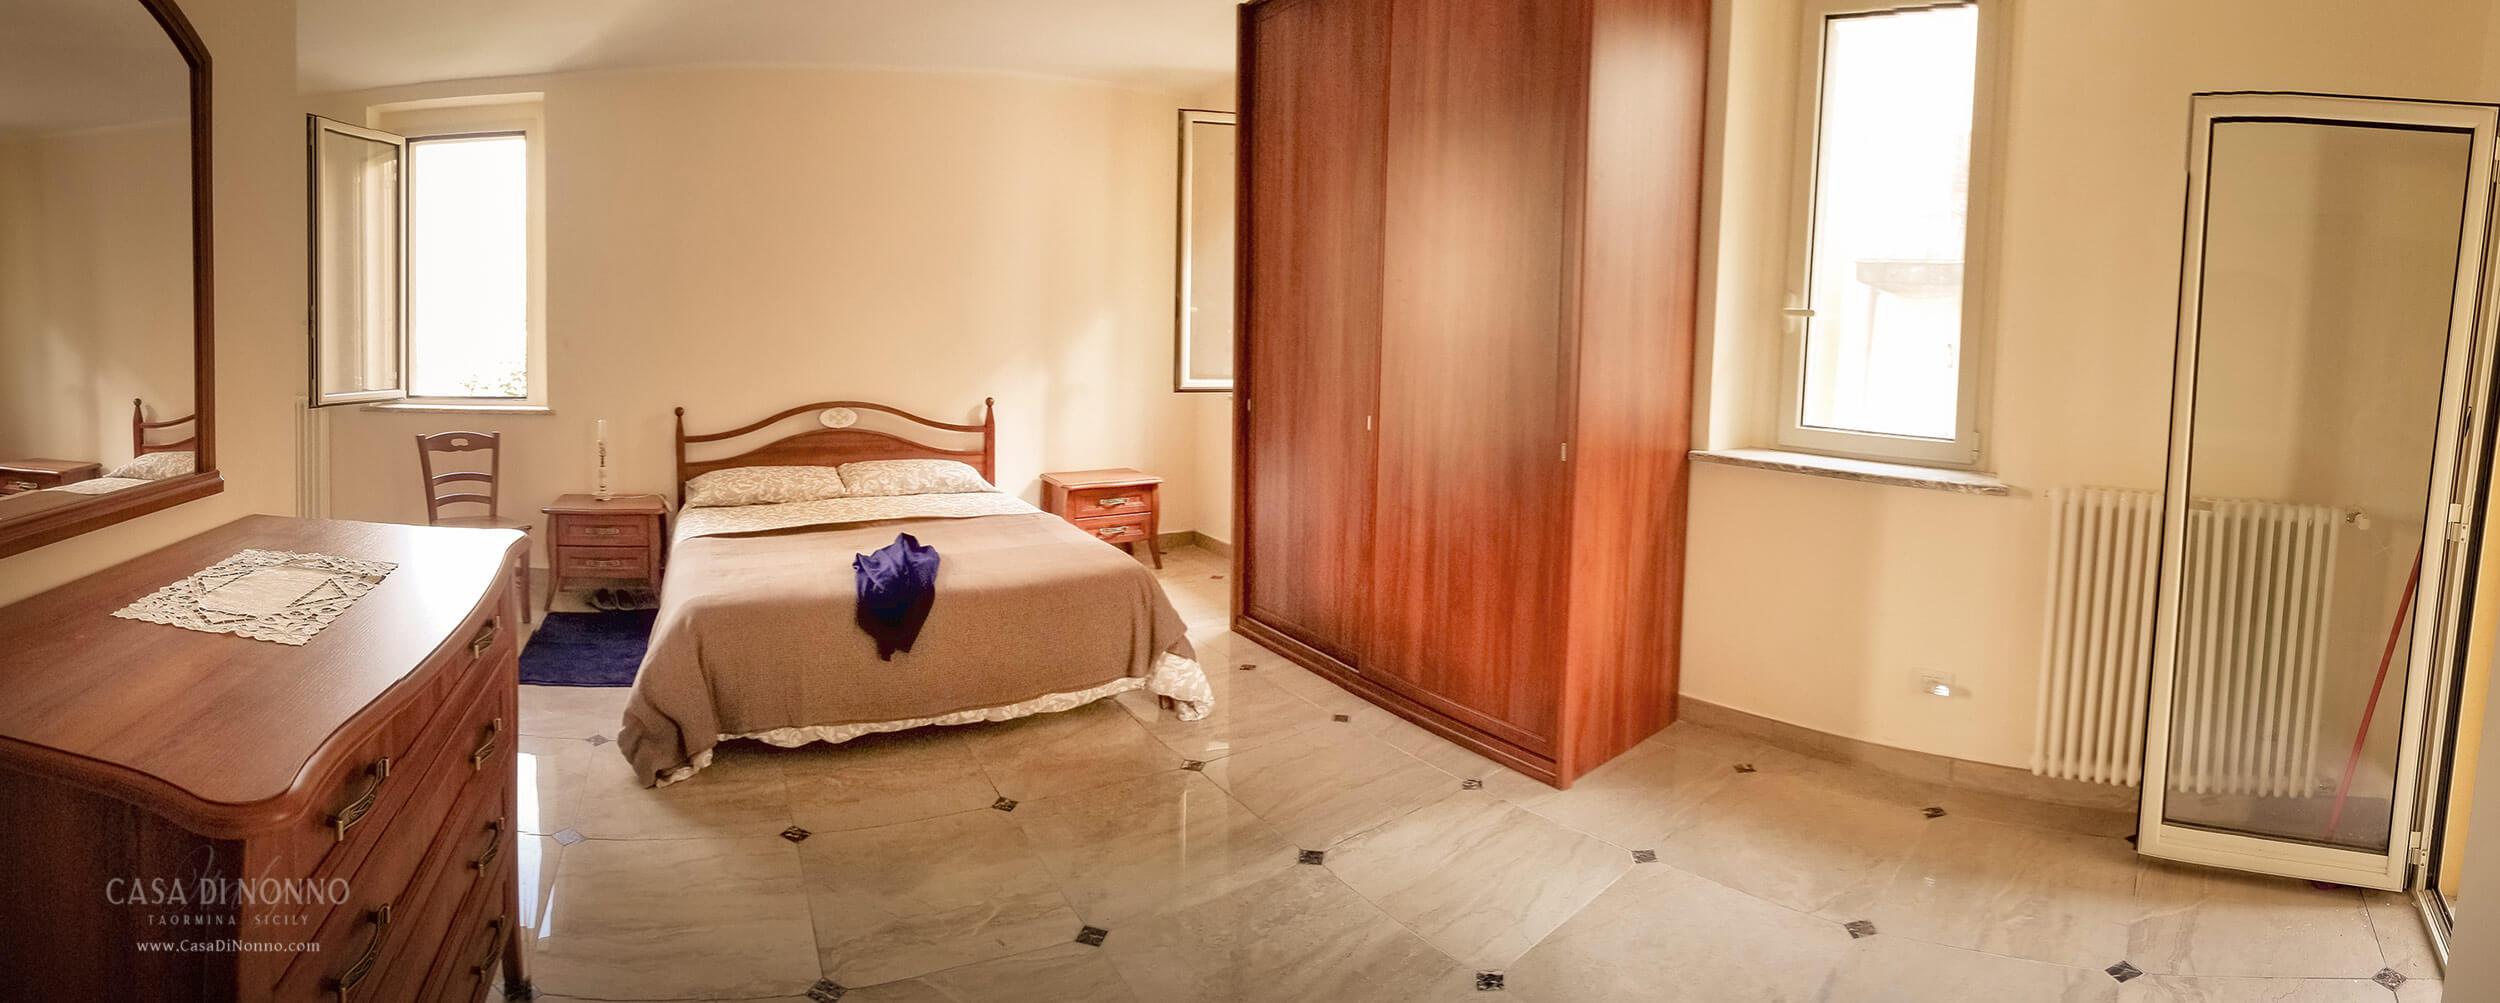 Casa di Nonno Master Bedroom